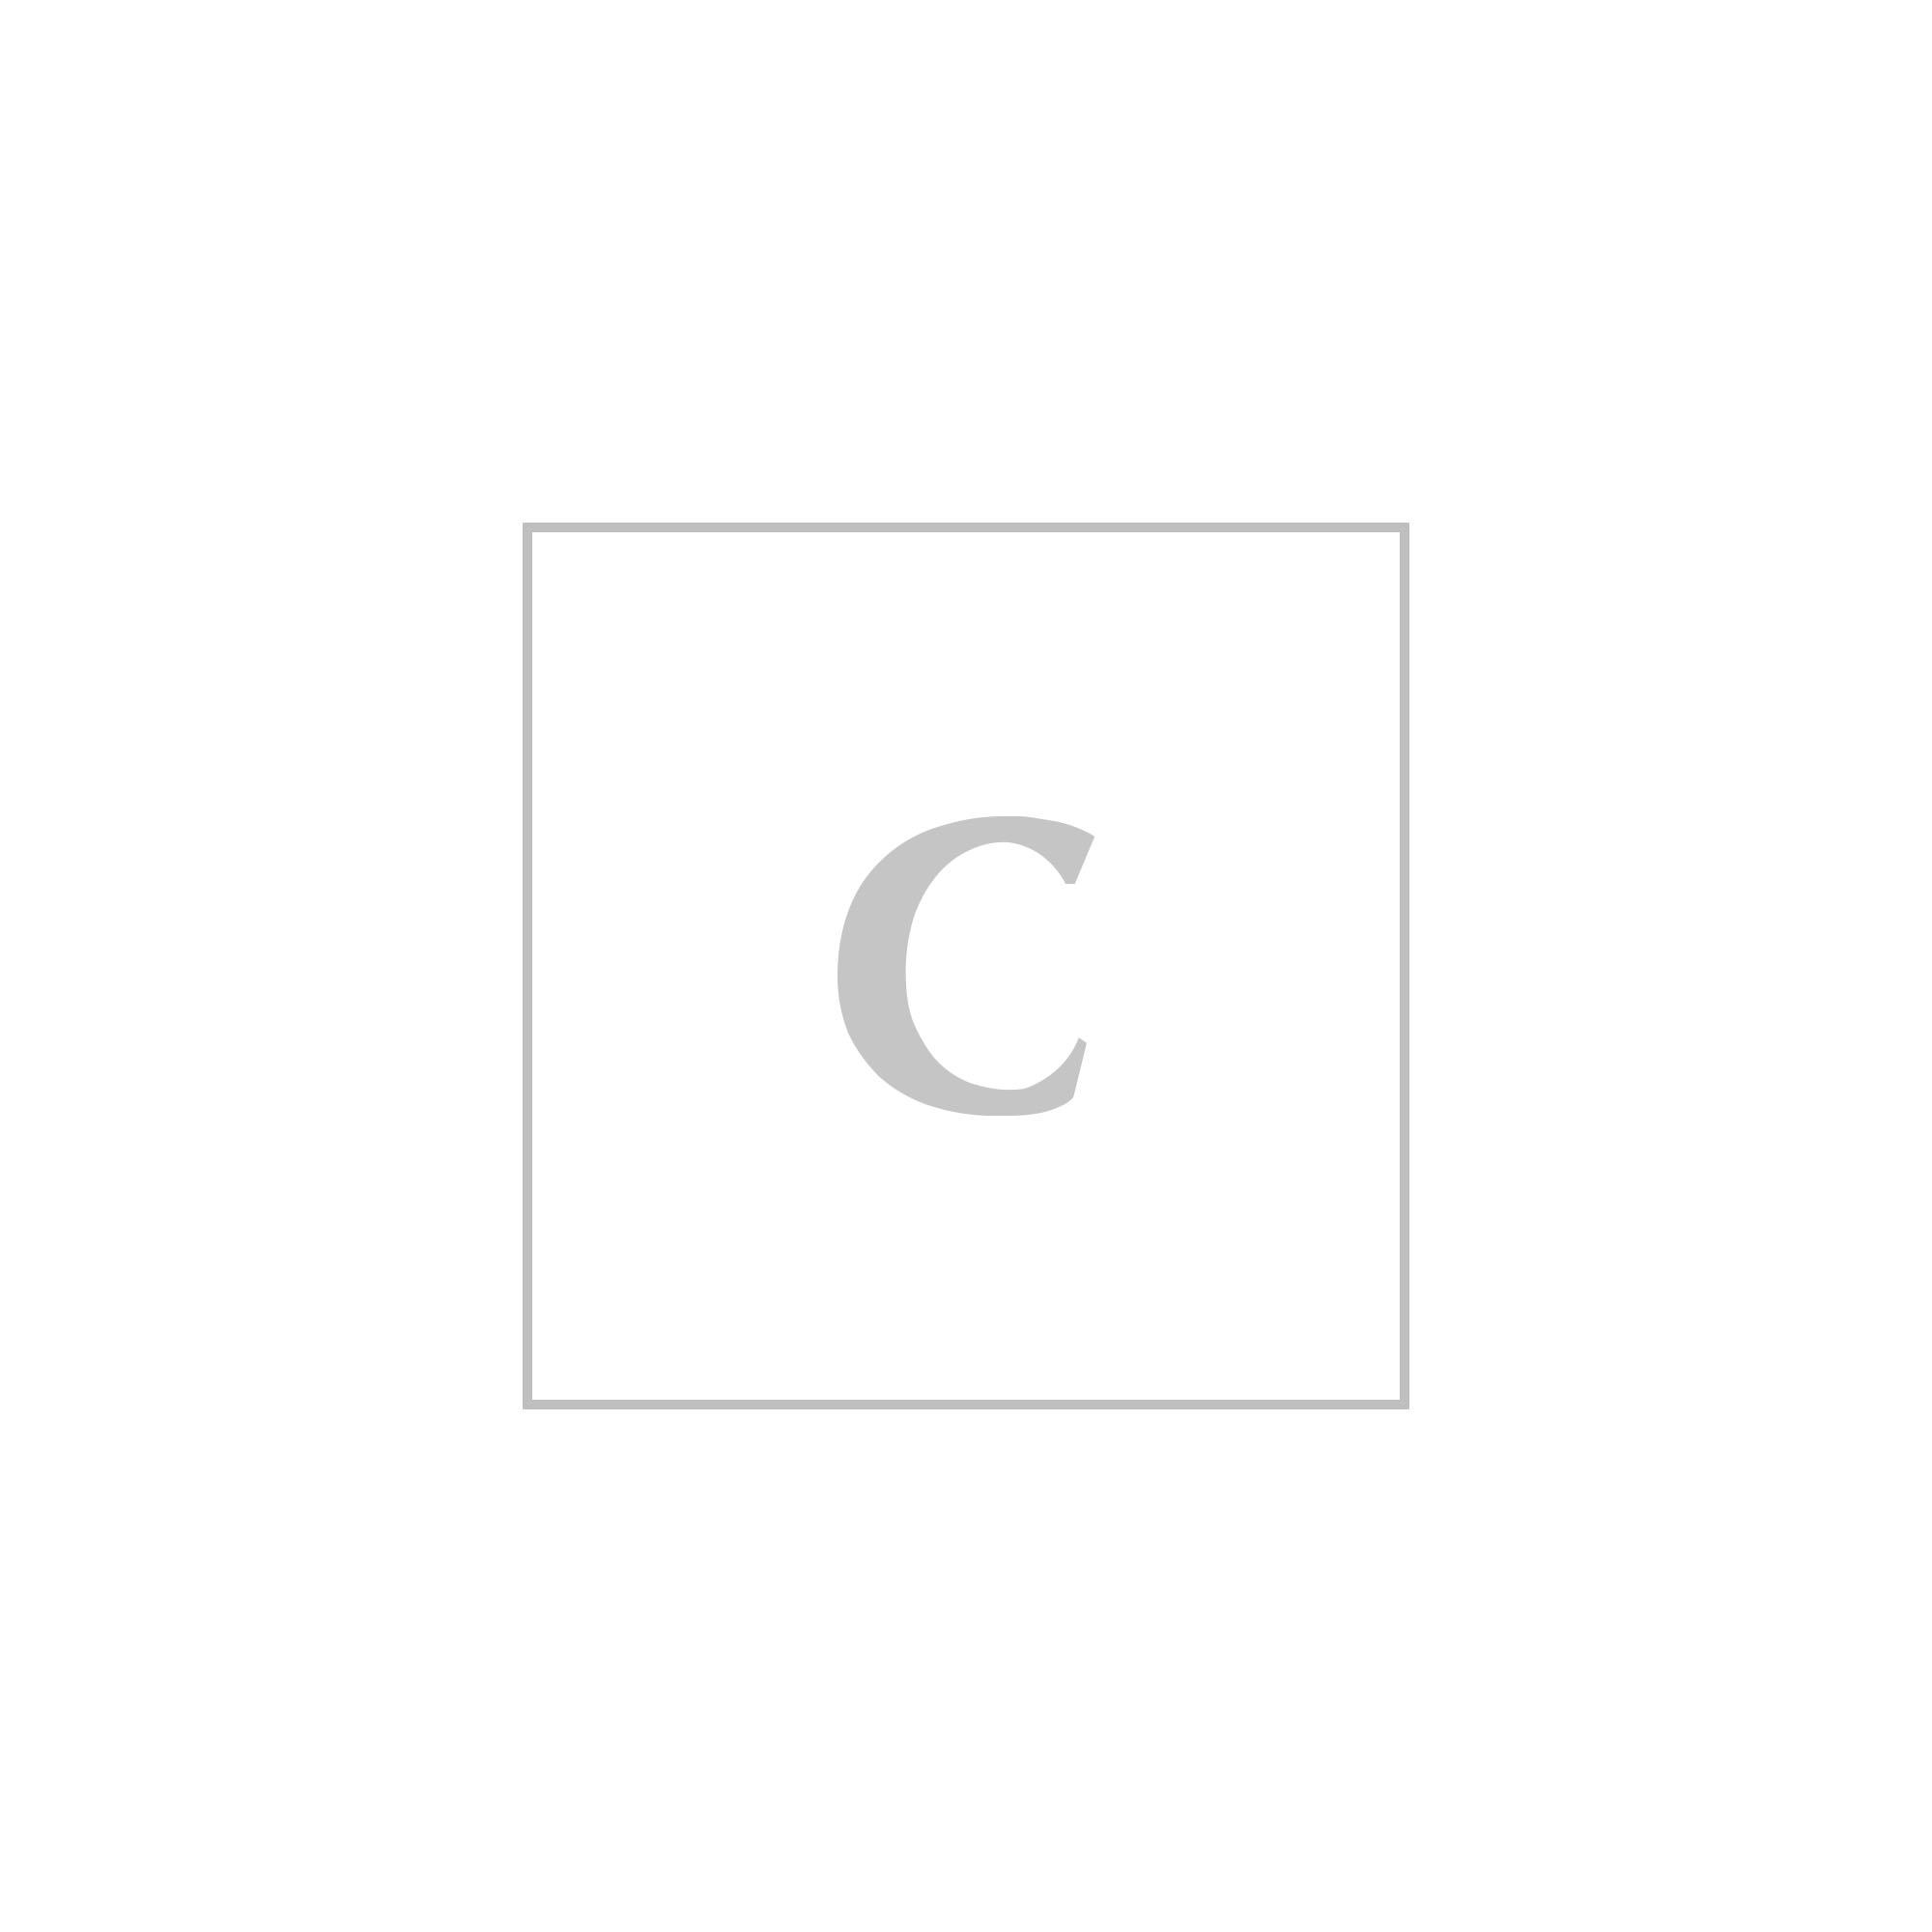 stella mccartney bags women logo flap zip clutch